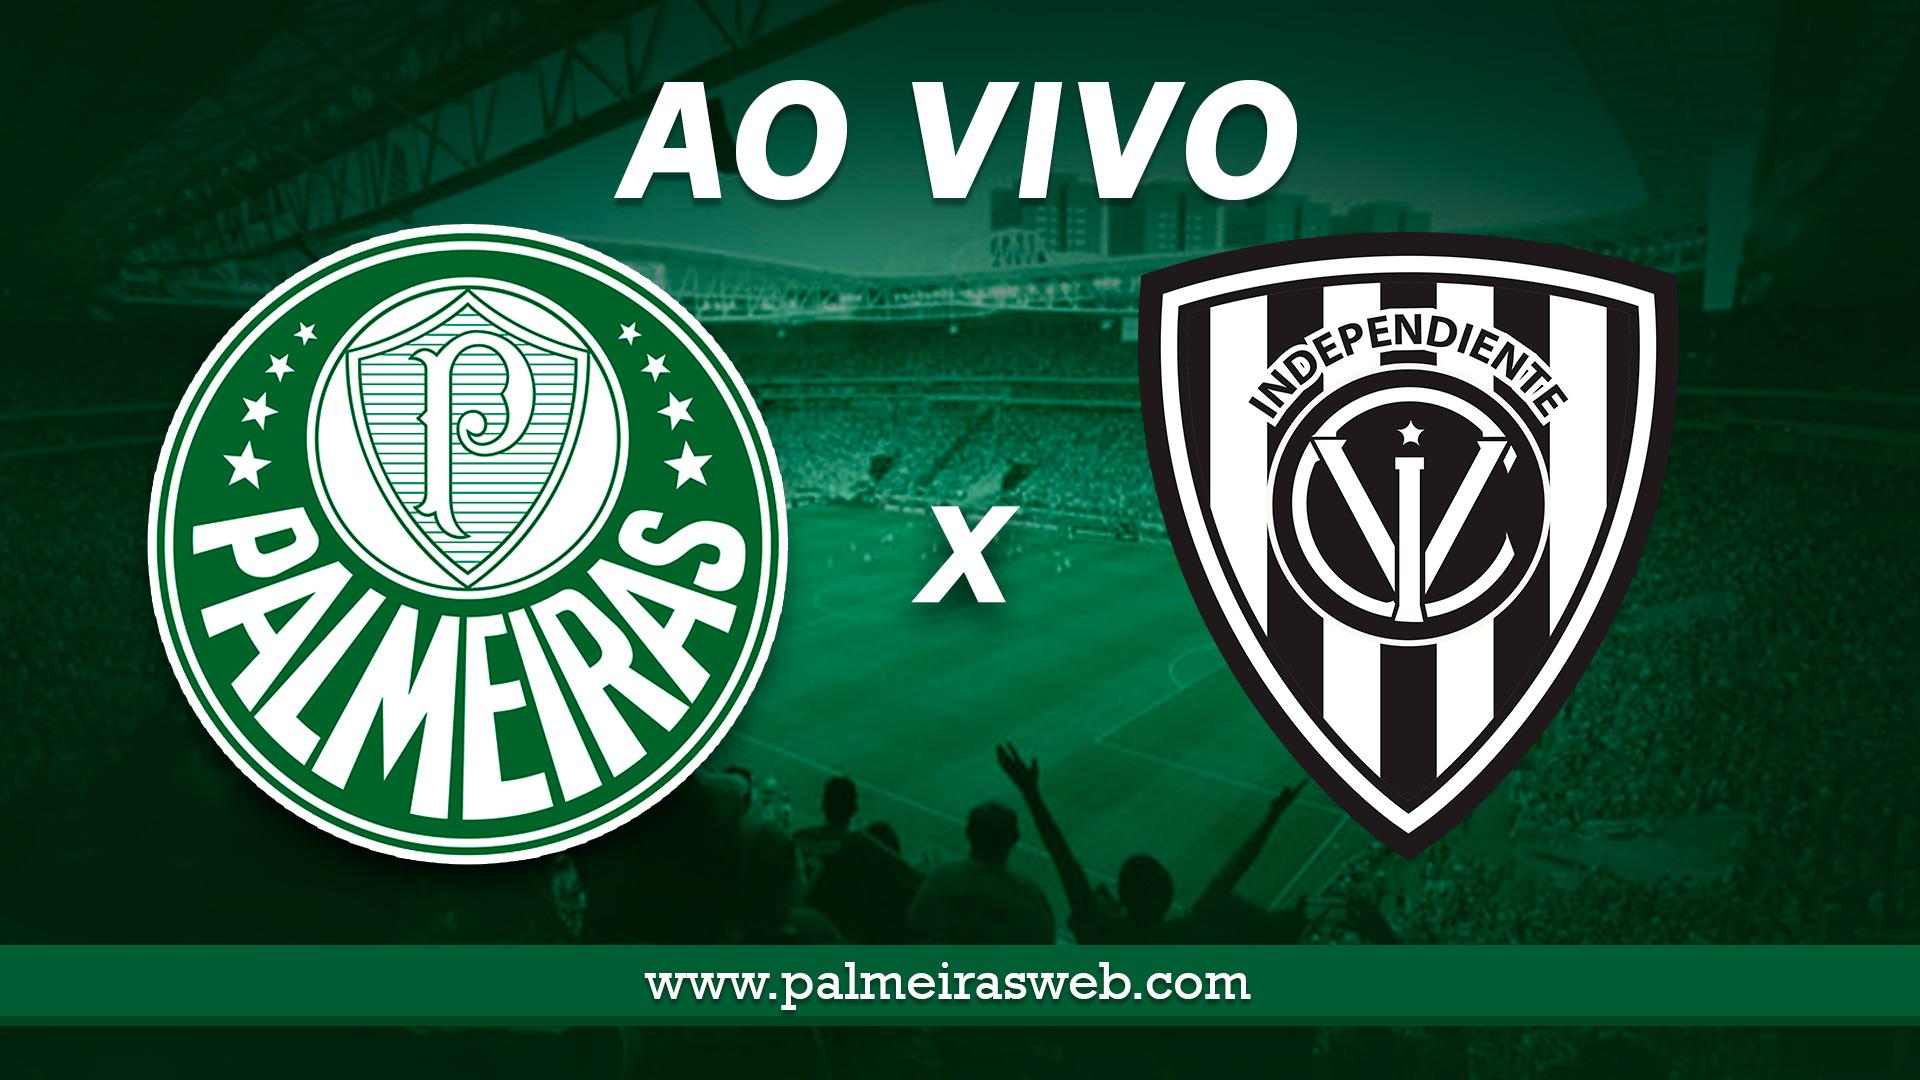 Palmeiras x Independiente Del Valle AO VIVO